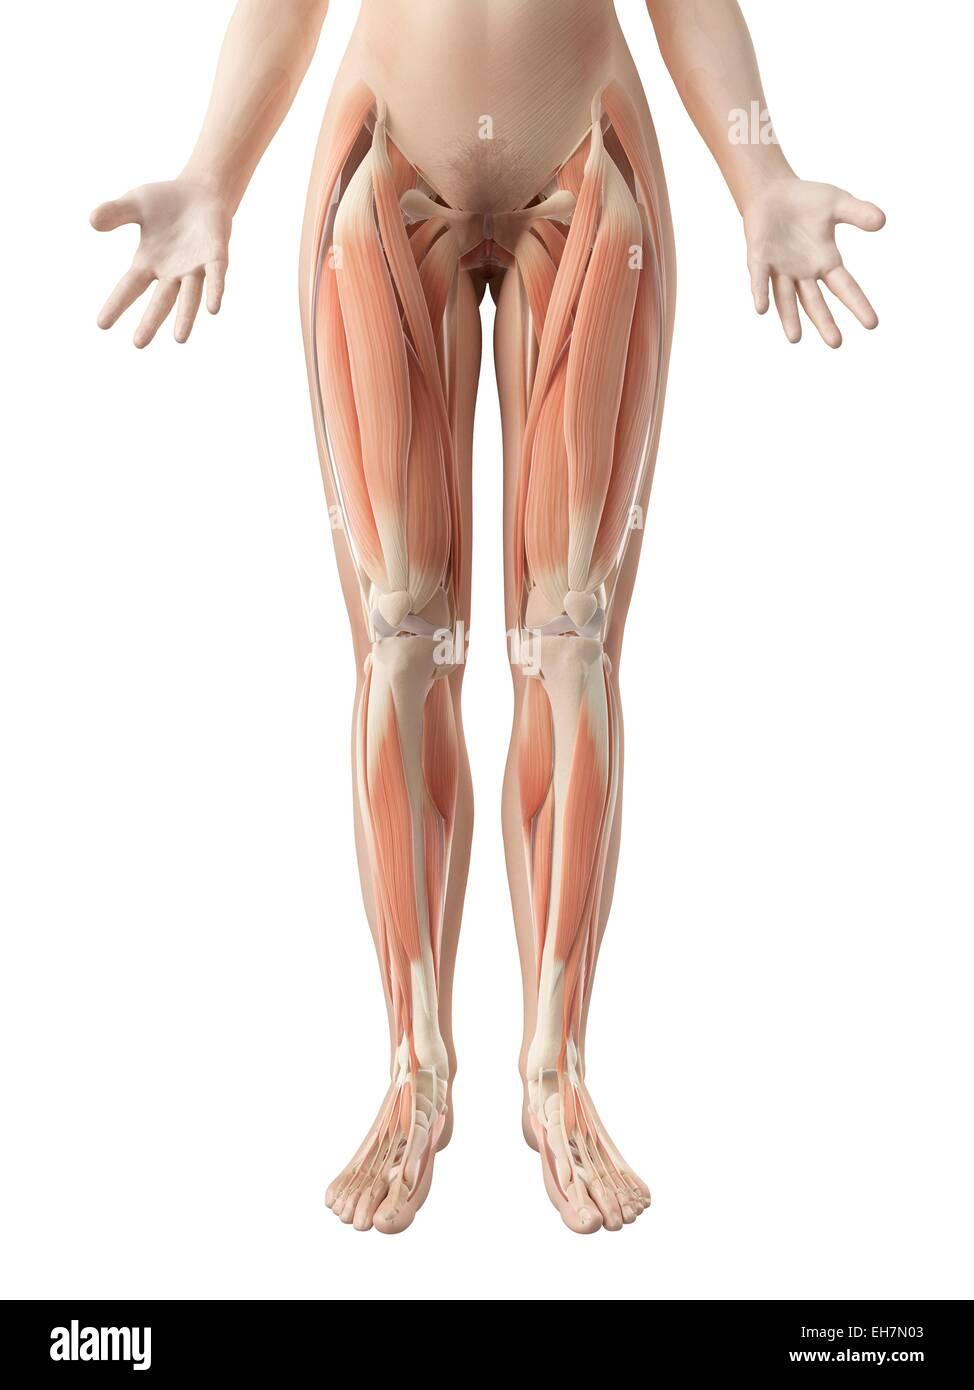 Ausgezeichnet Hintere Beinmuskulatur Bilder - Menschliche Anatomie ...